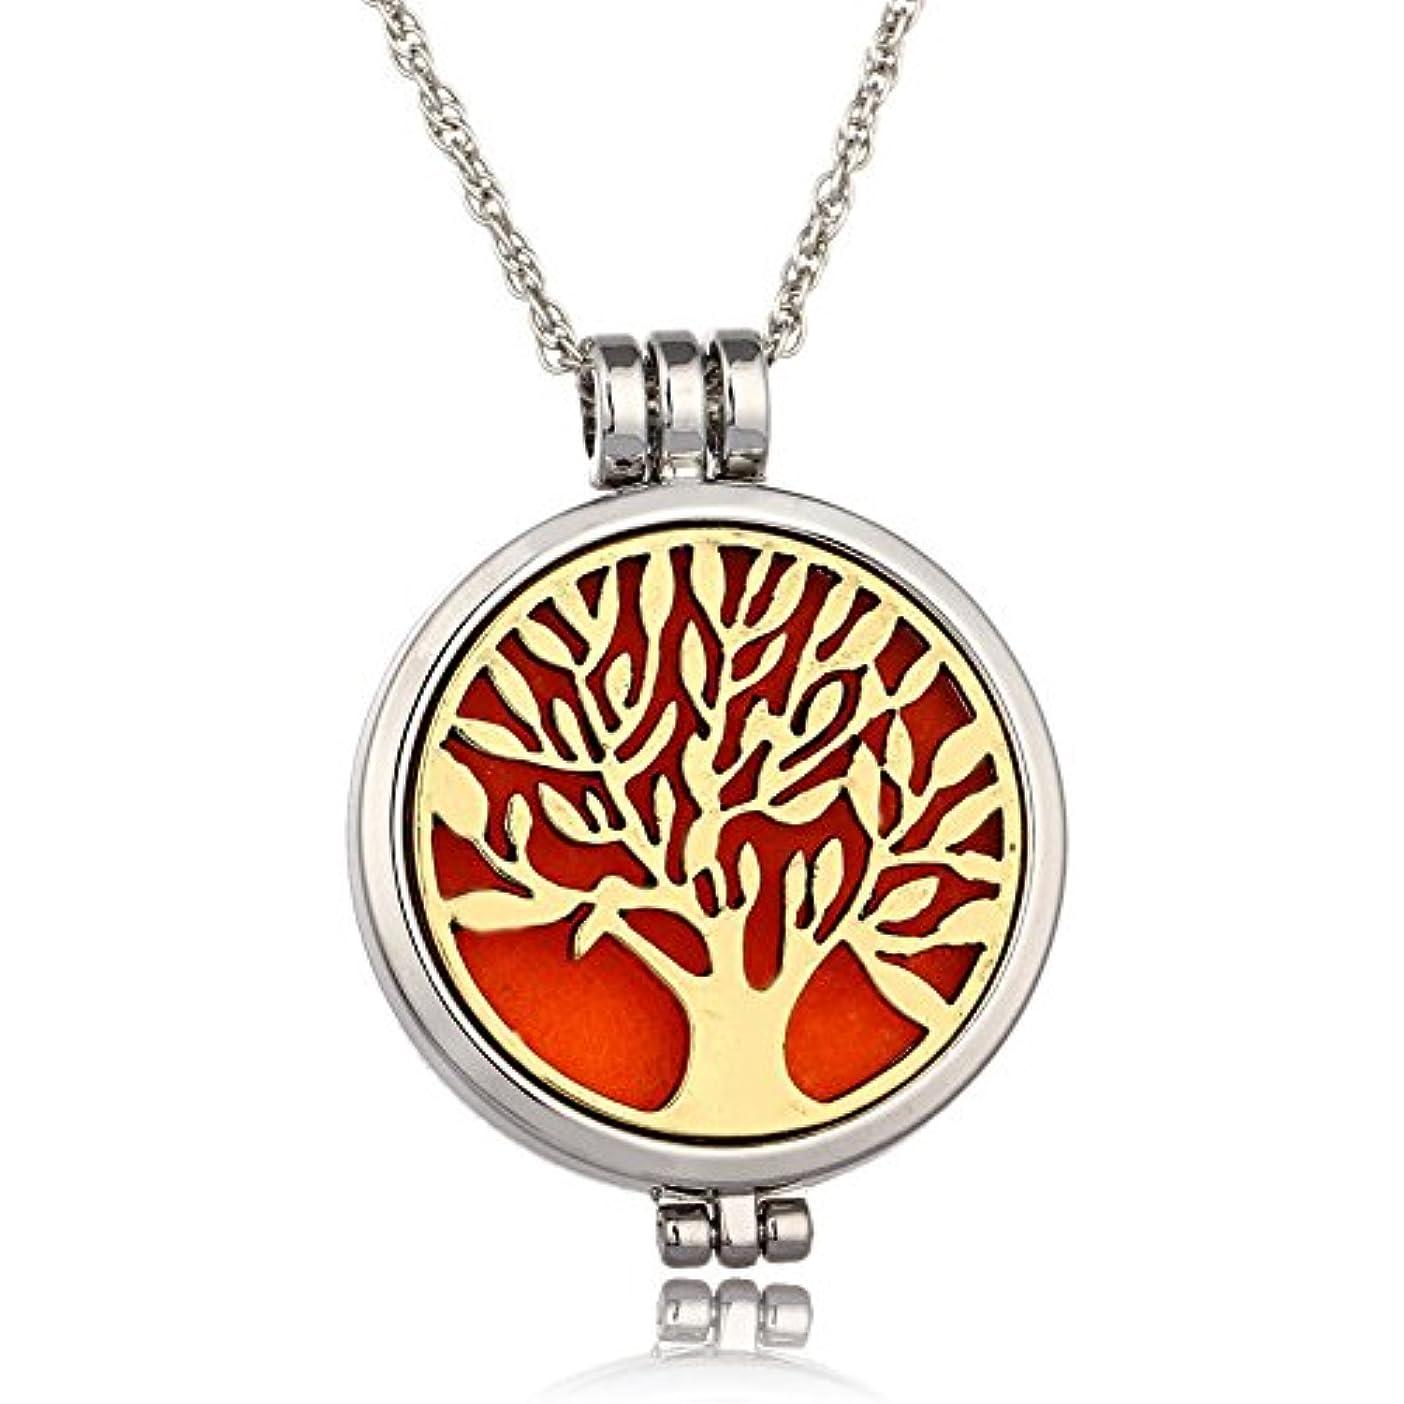 折り目運動する摂氏Tree of Life 316lステンレススチールEssential Oil Diffuserロケットペンダントネックレス